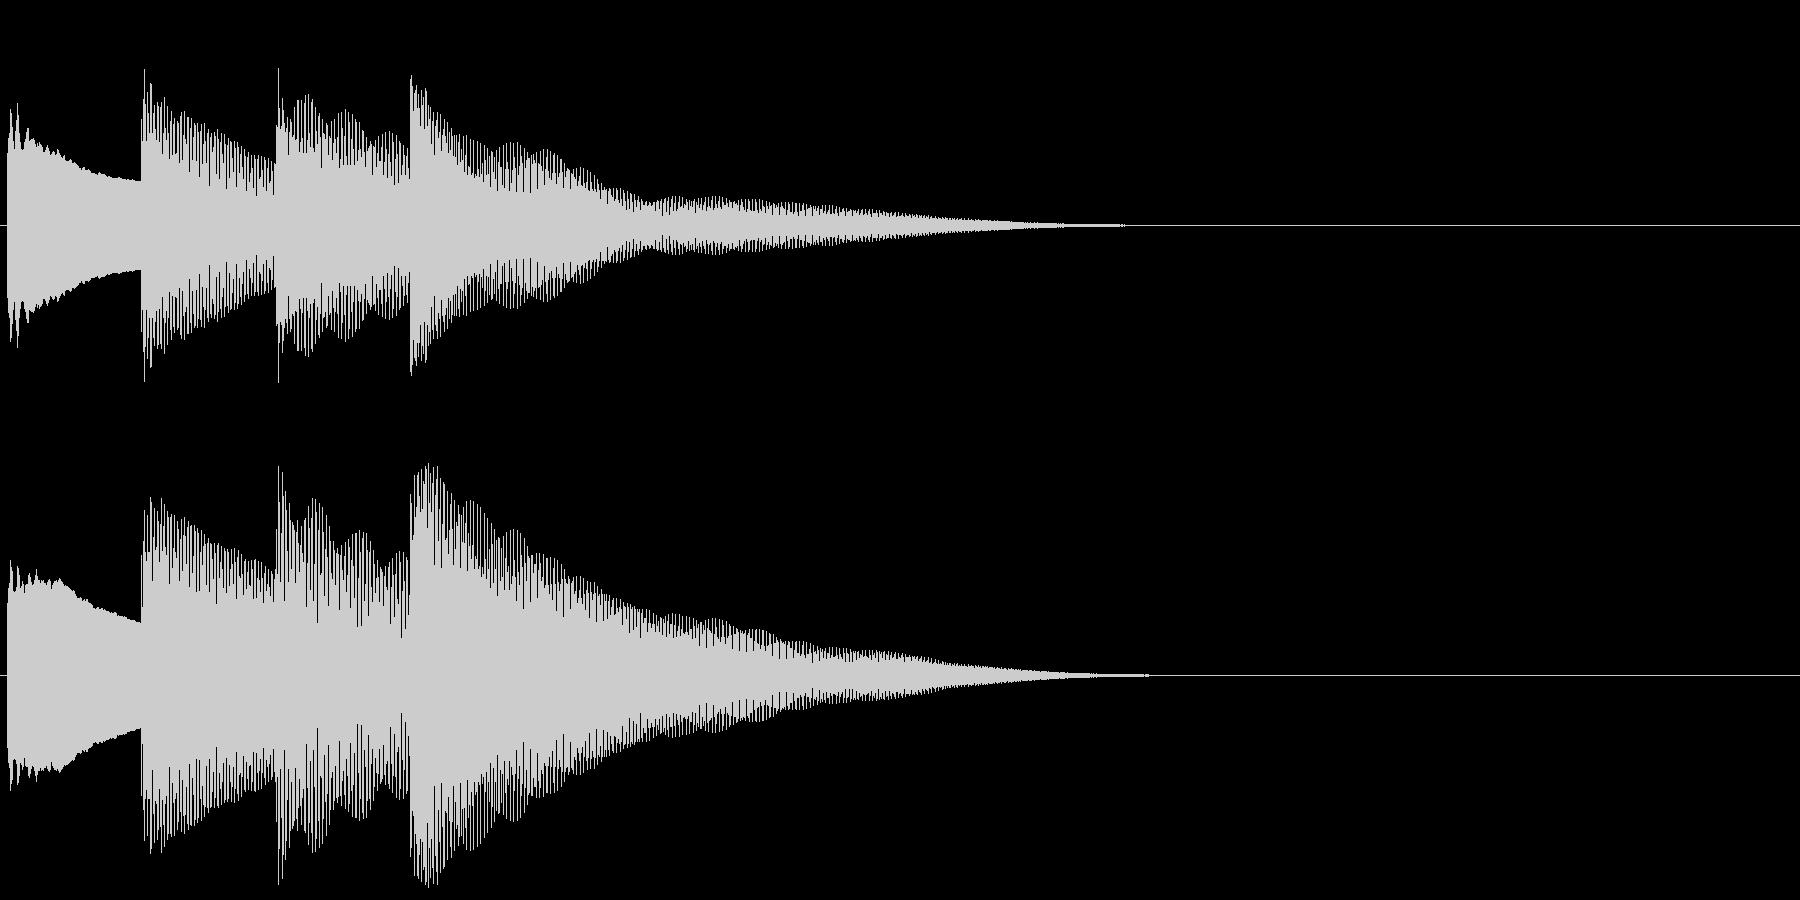 ピンポンパンポン 上昇(館内放送開始)の未再生の波形